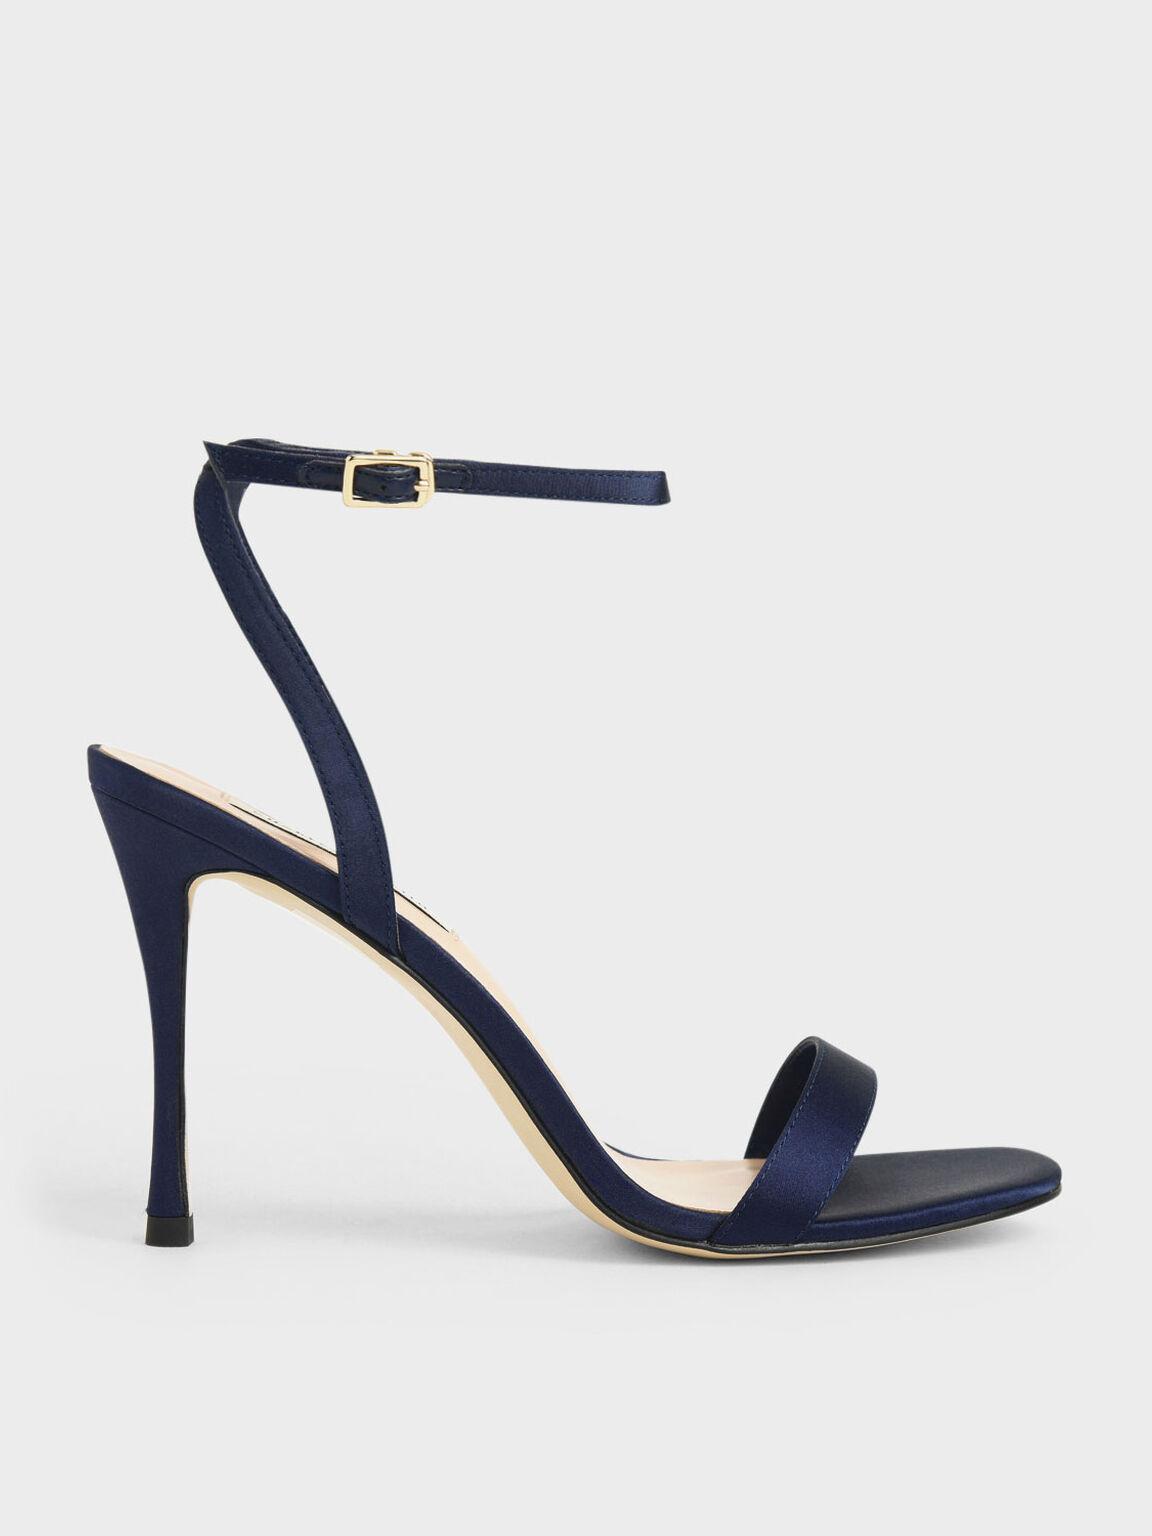 Satin Stiletto Heels, Dark Blue, hi-res